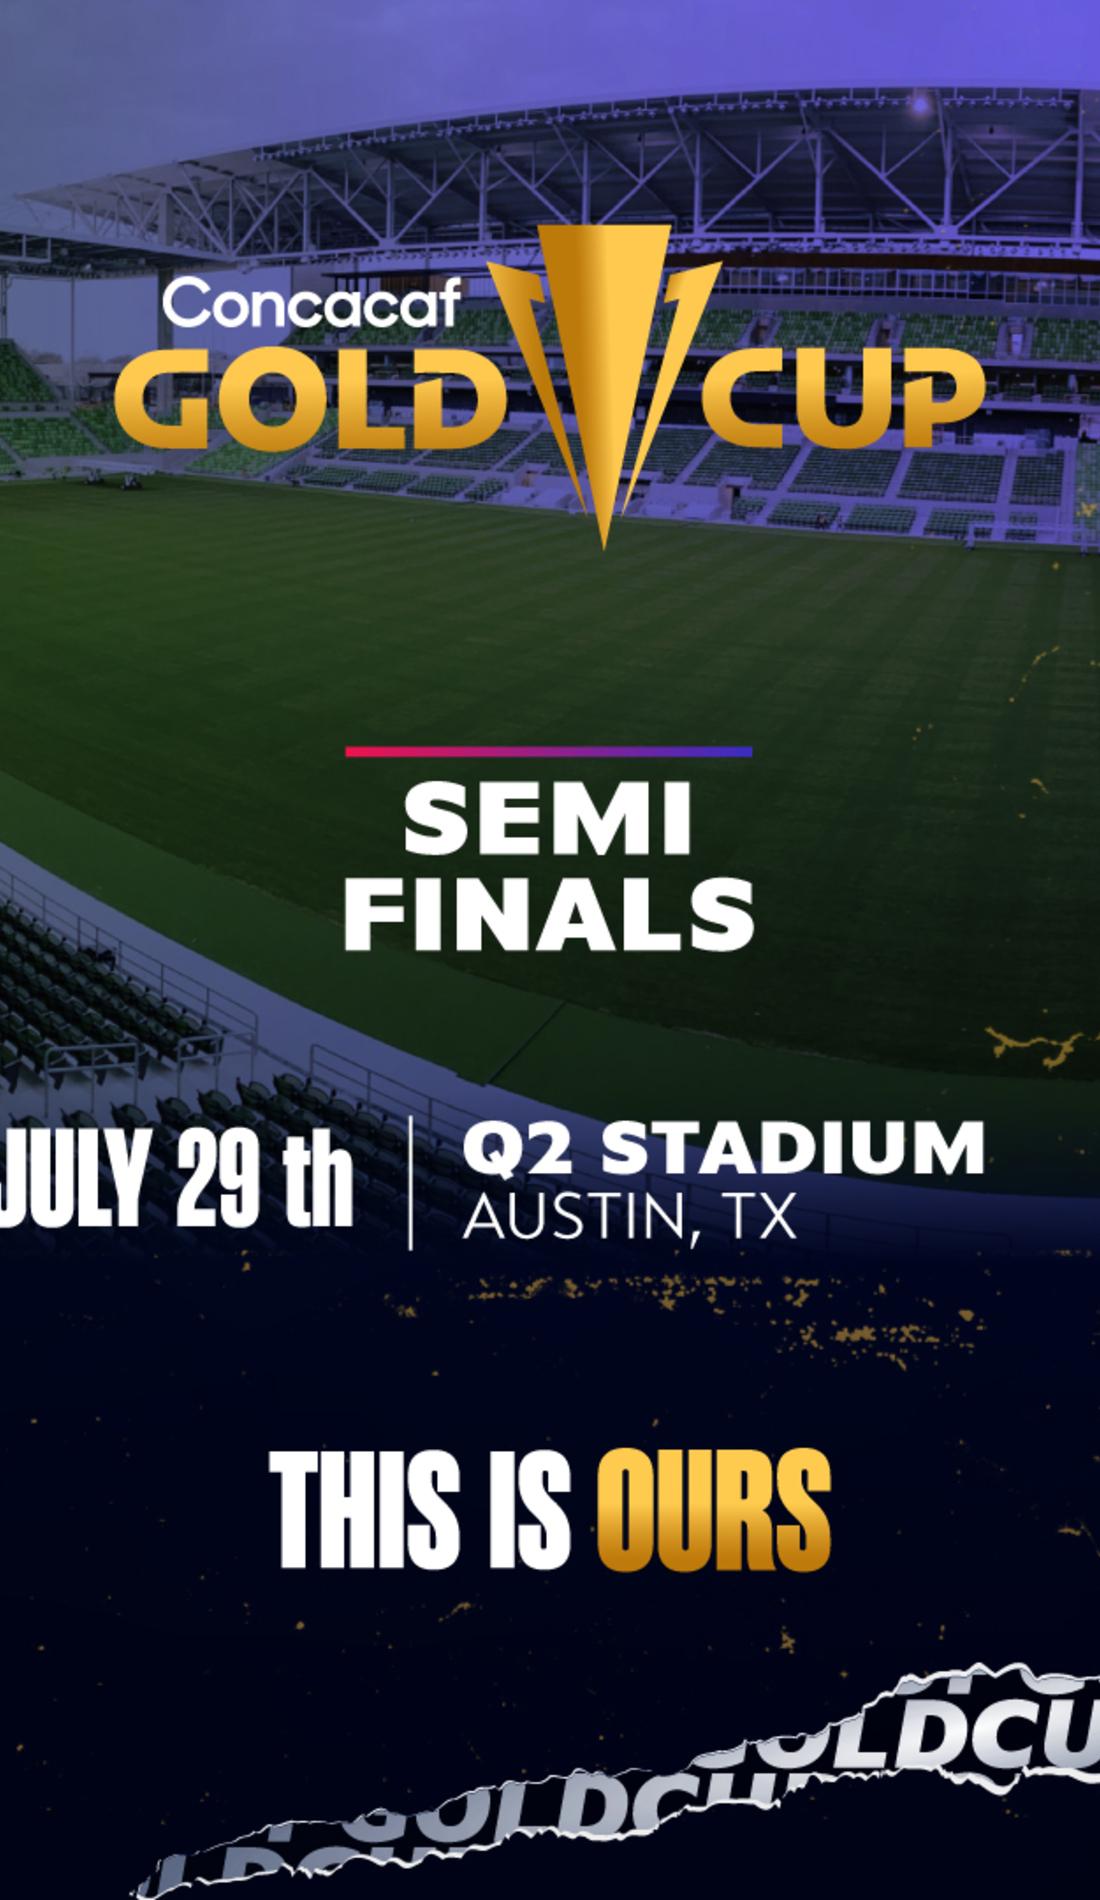 A Gold Cup Semi Finals live event